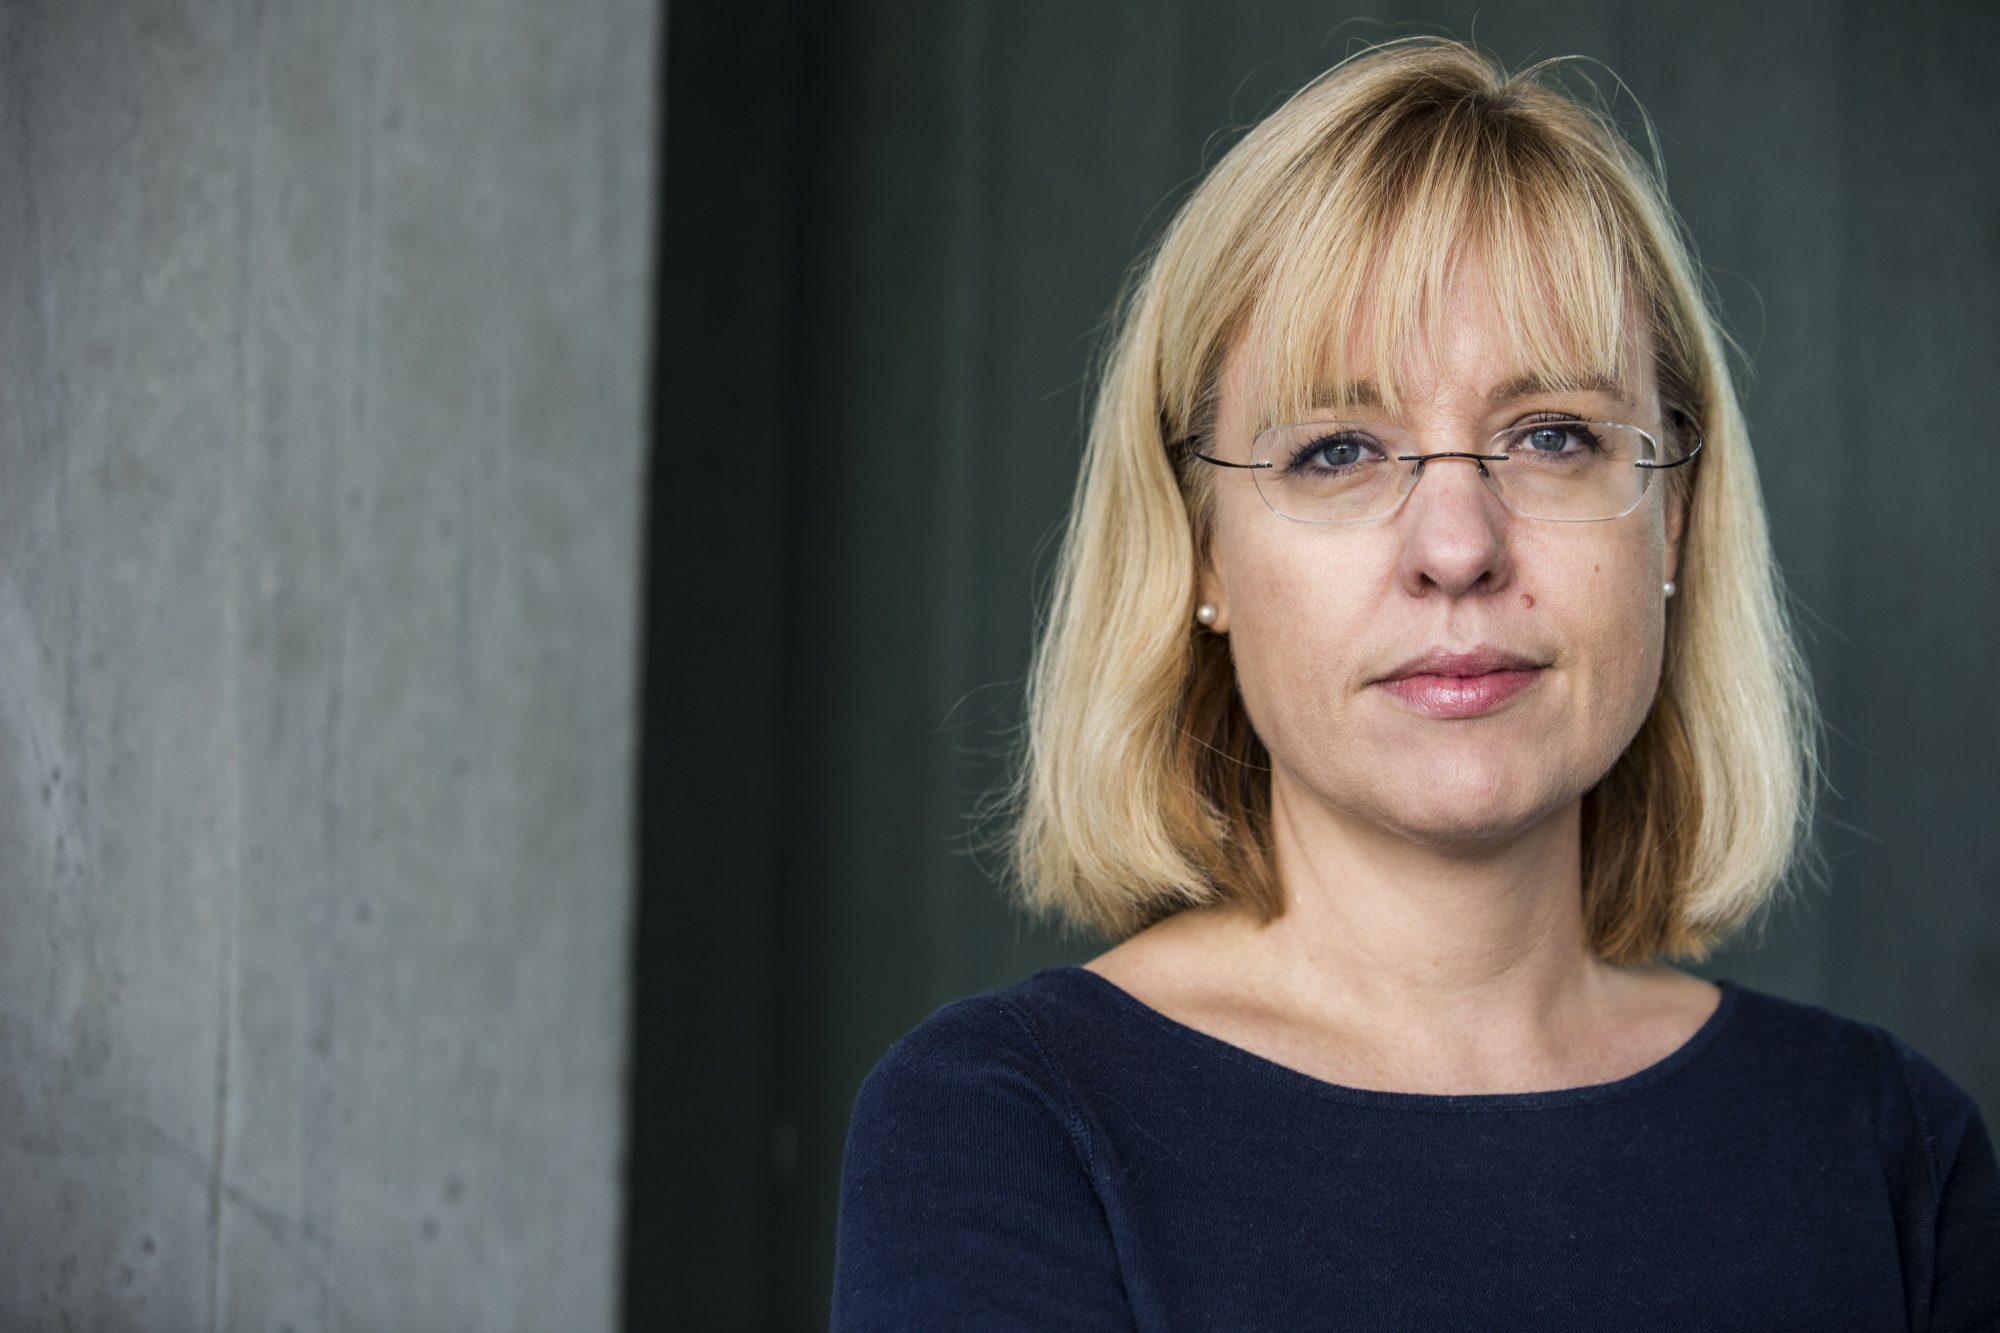 Direktør Åse Wetås i Språkrådet er ikkje begeistra for NSBs val av nytt namn – Vy. Foto: Mariam Butt / NTB scanpix